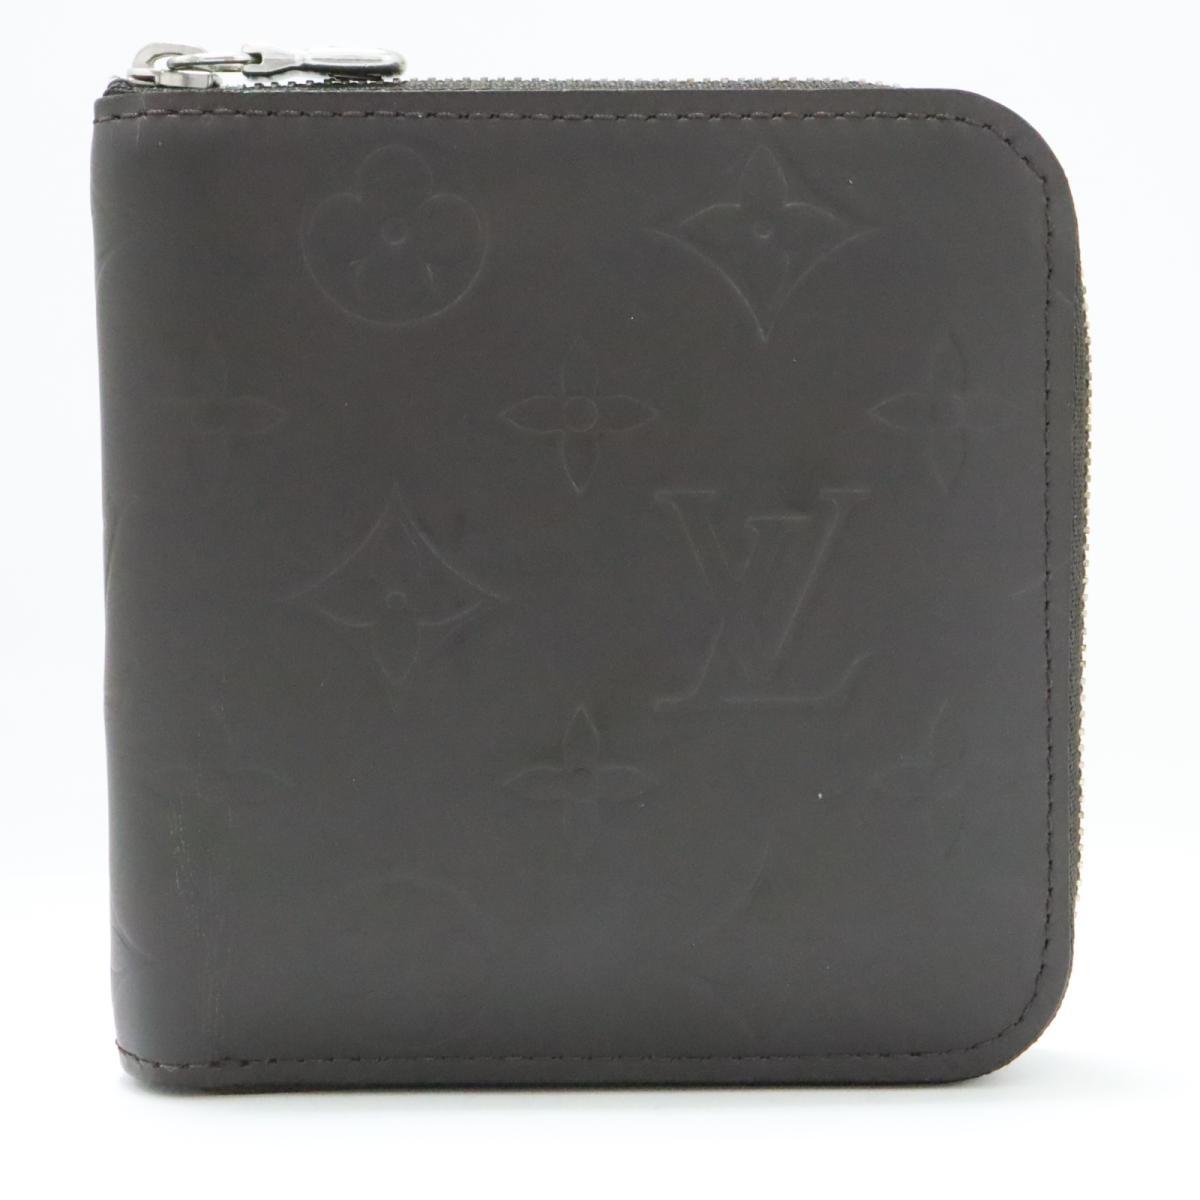 グラセ ポルトビエモネジップ 財布